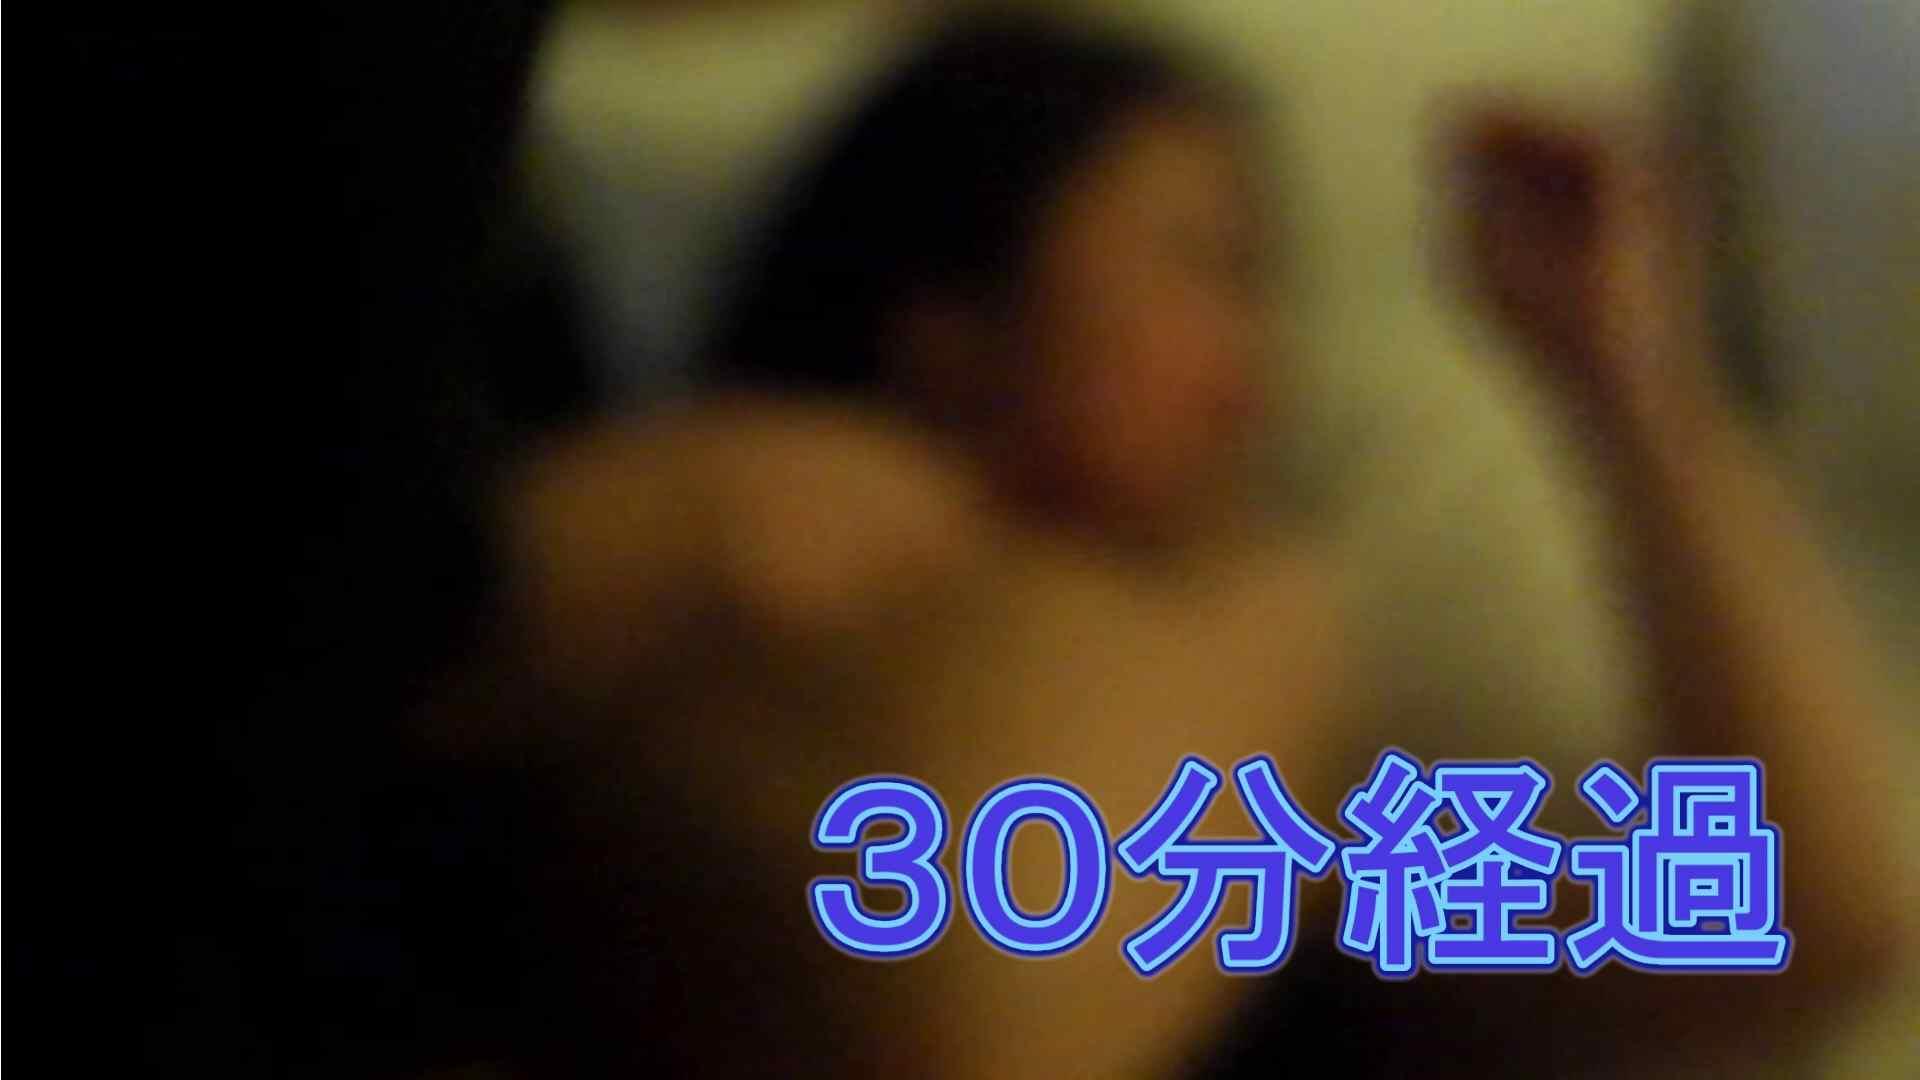 ヒトニアラヅNo.02 姿と全体の流れを公開 ギャル  60PIX 40